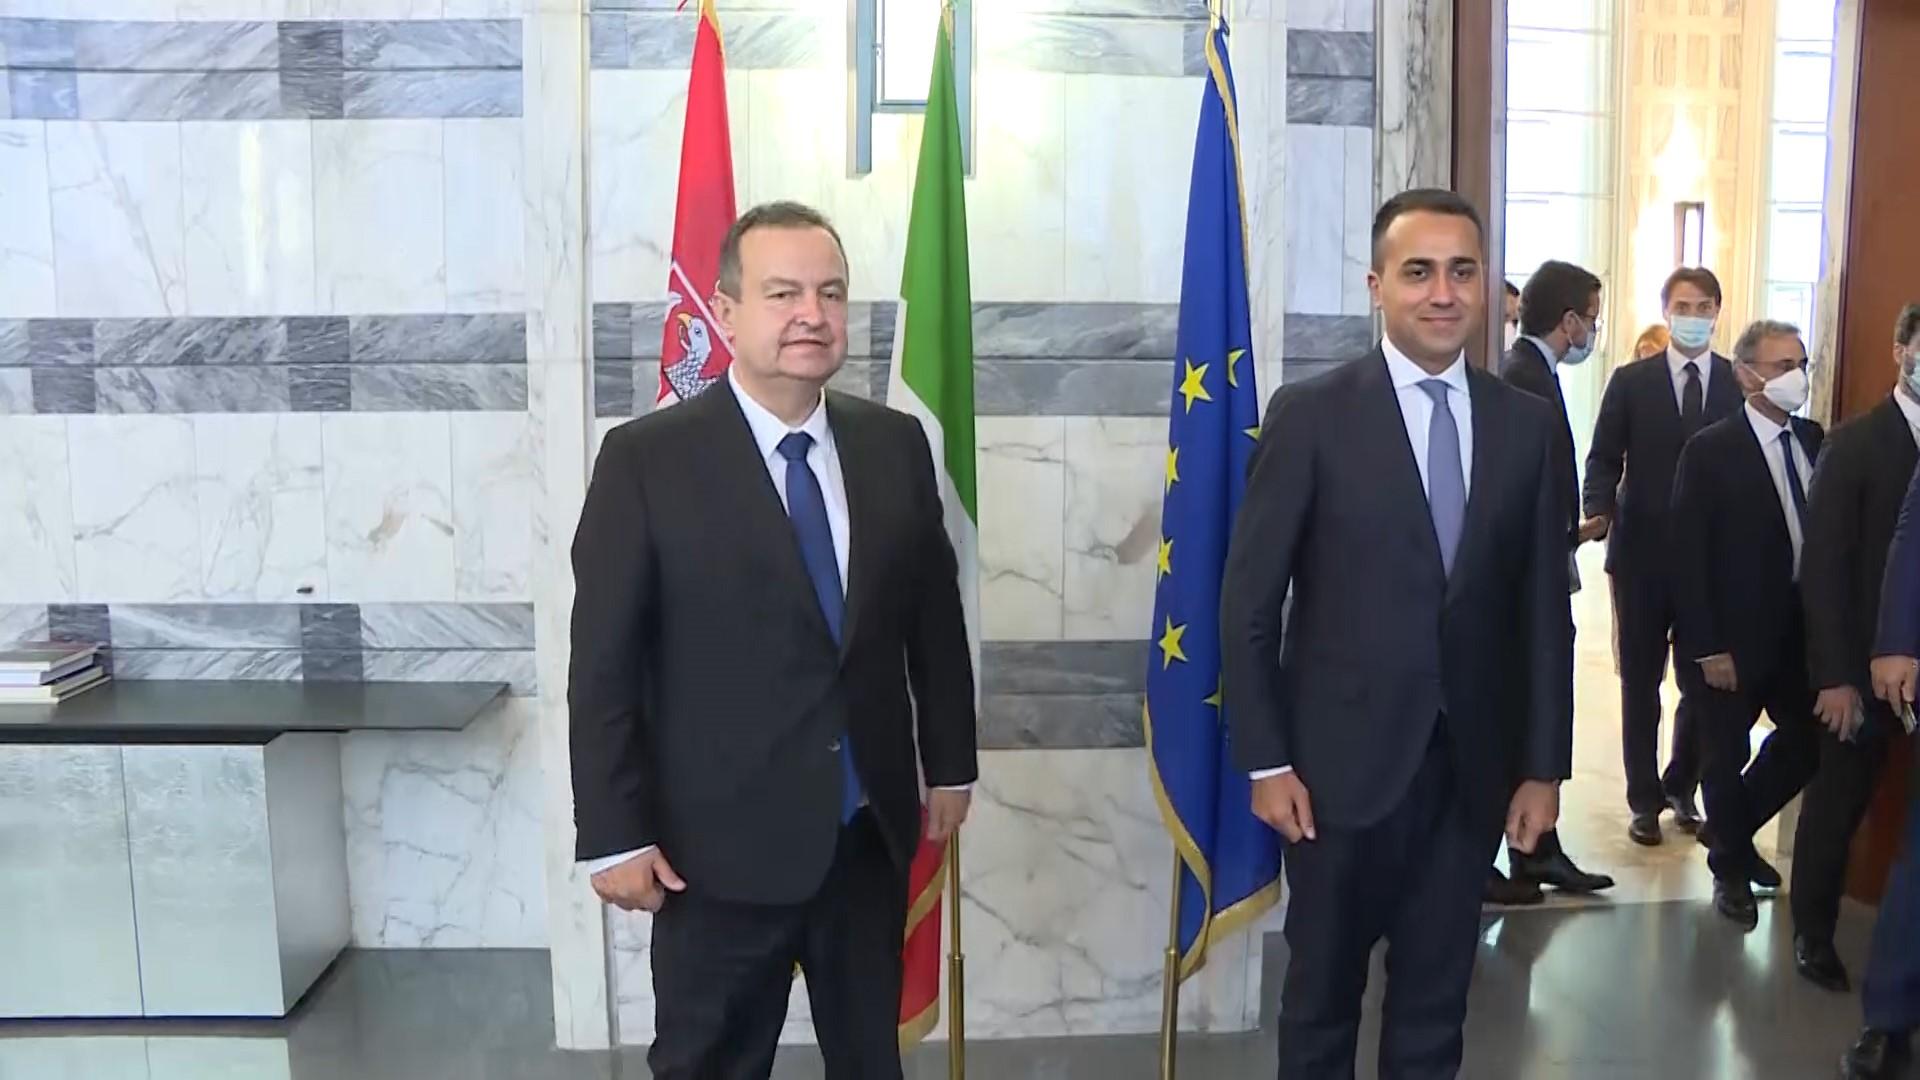 Σερβία: Τον Di Maio συνάντησε ο Dačić στη Ρώμη